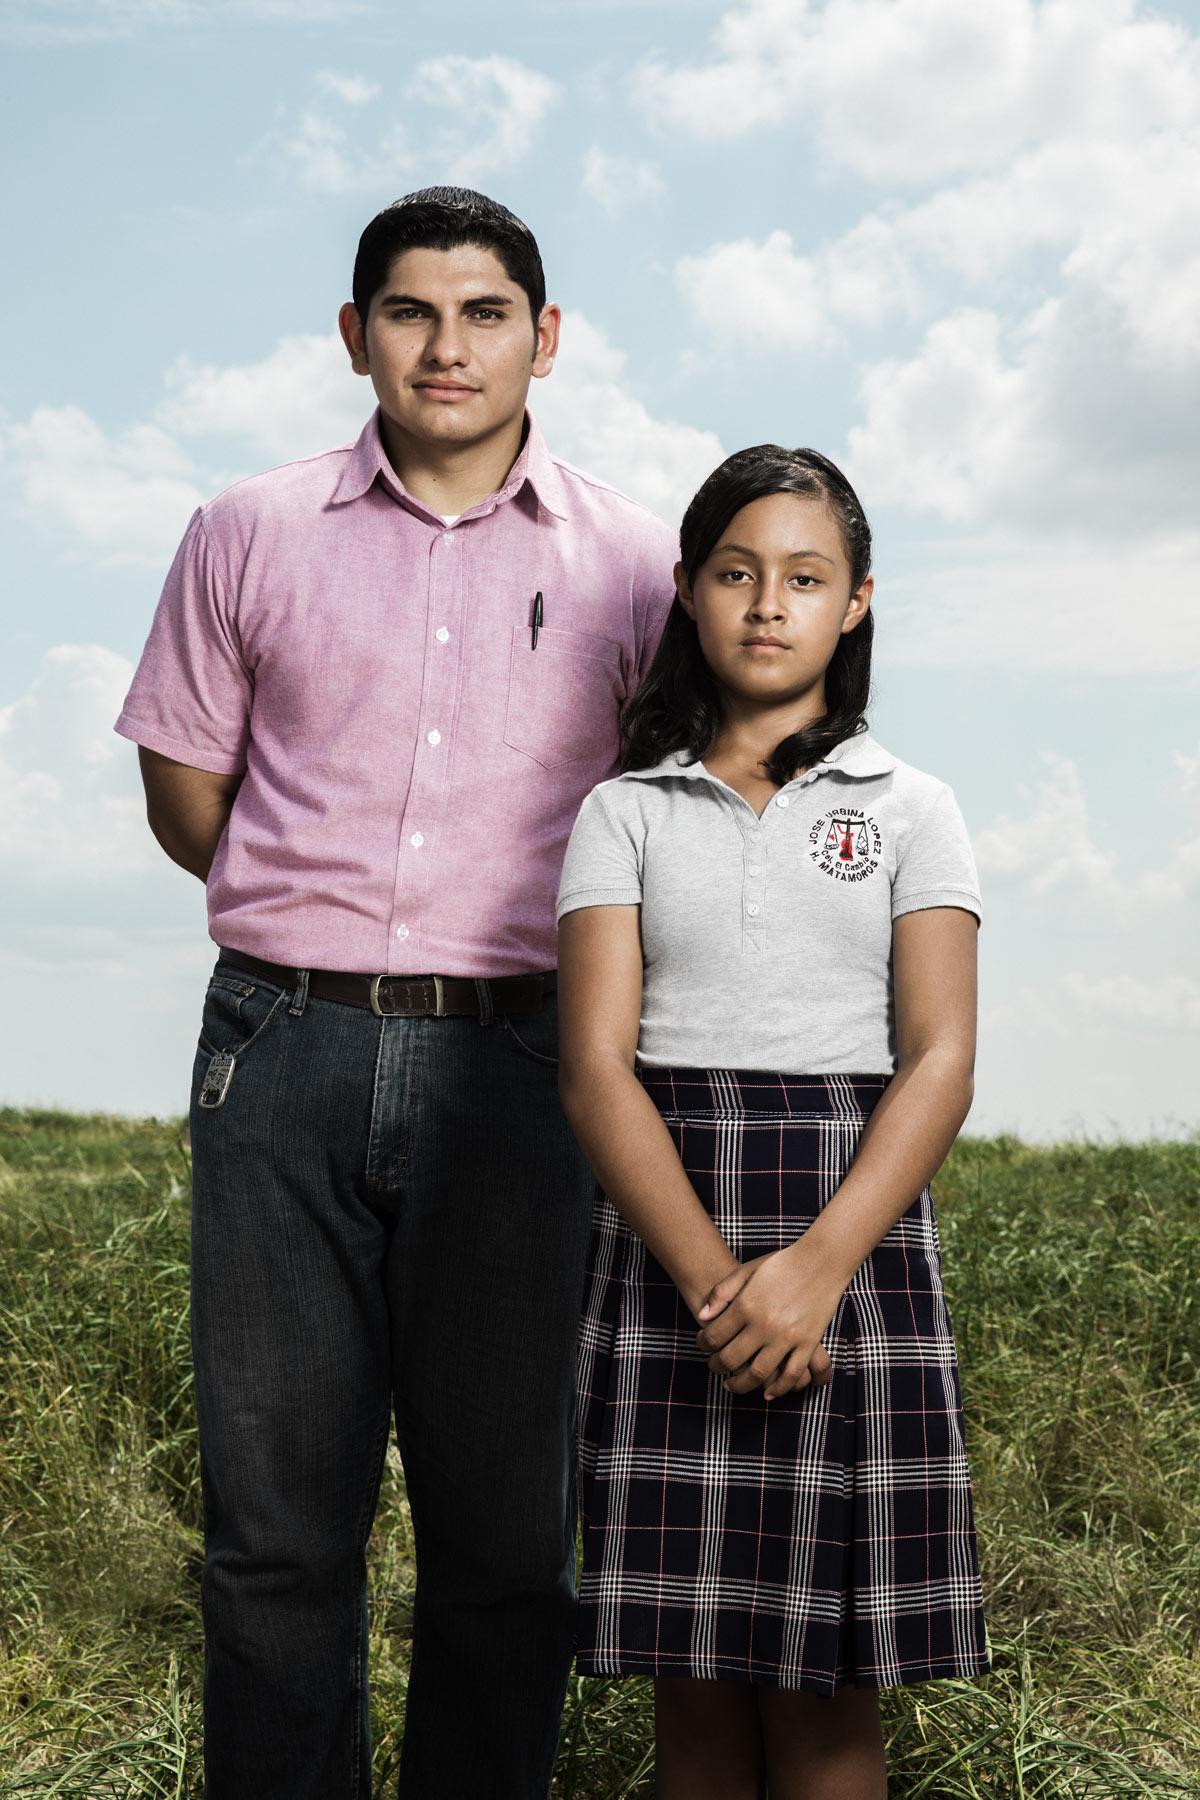 El profesor Sergio Juárez Correa y su alumna más destacada, Paloma Noyola Bueno.